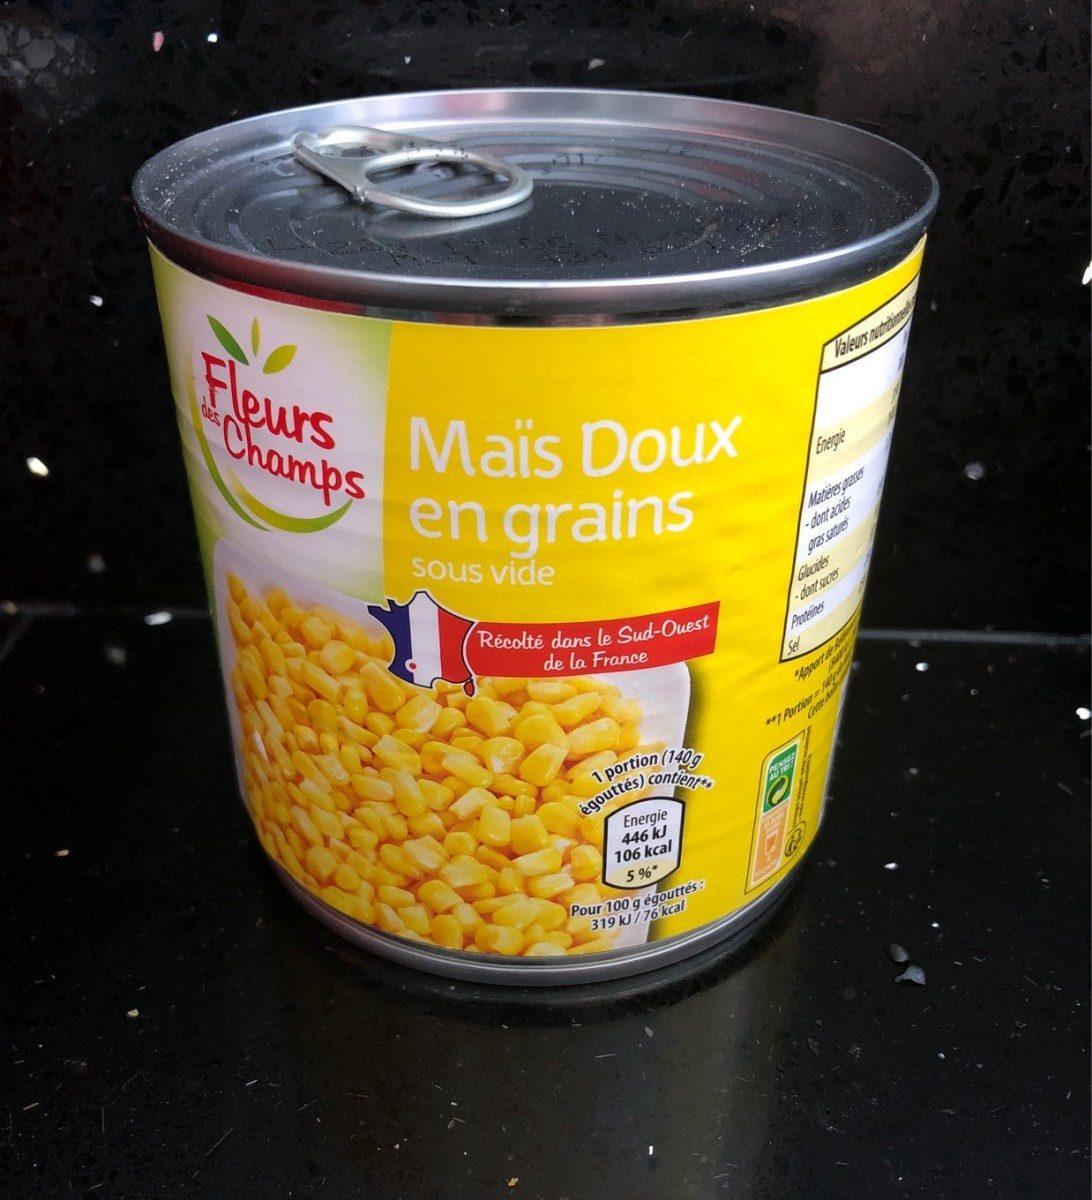 Maïs Doux en Grains Sous Vide - Product - fr